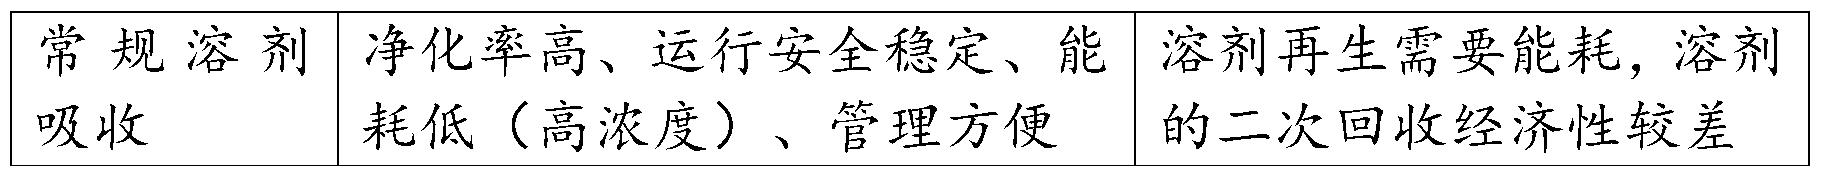 Figure PCTCN2015081356-appb-000002